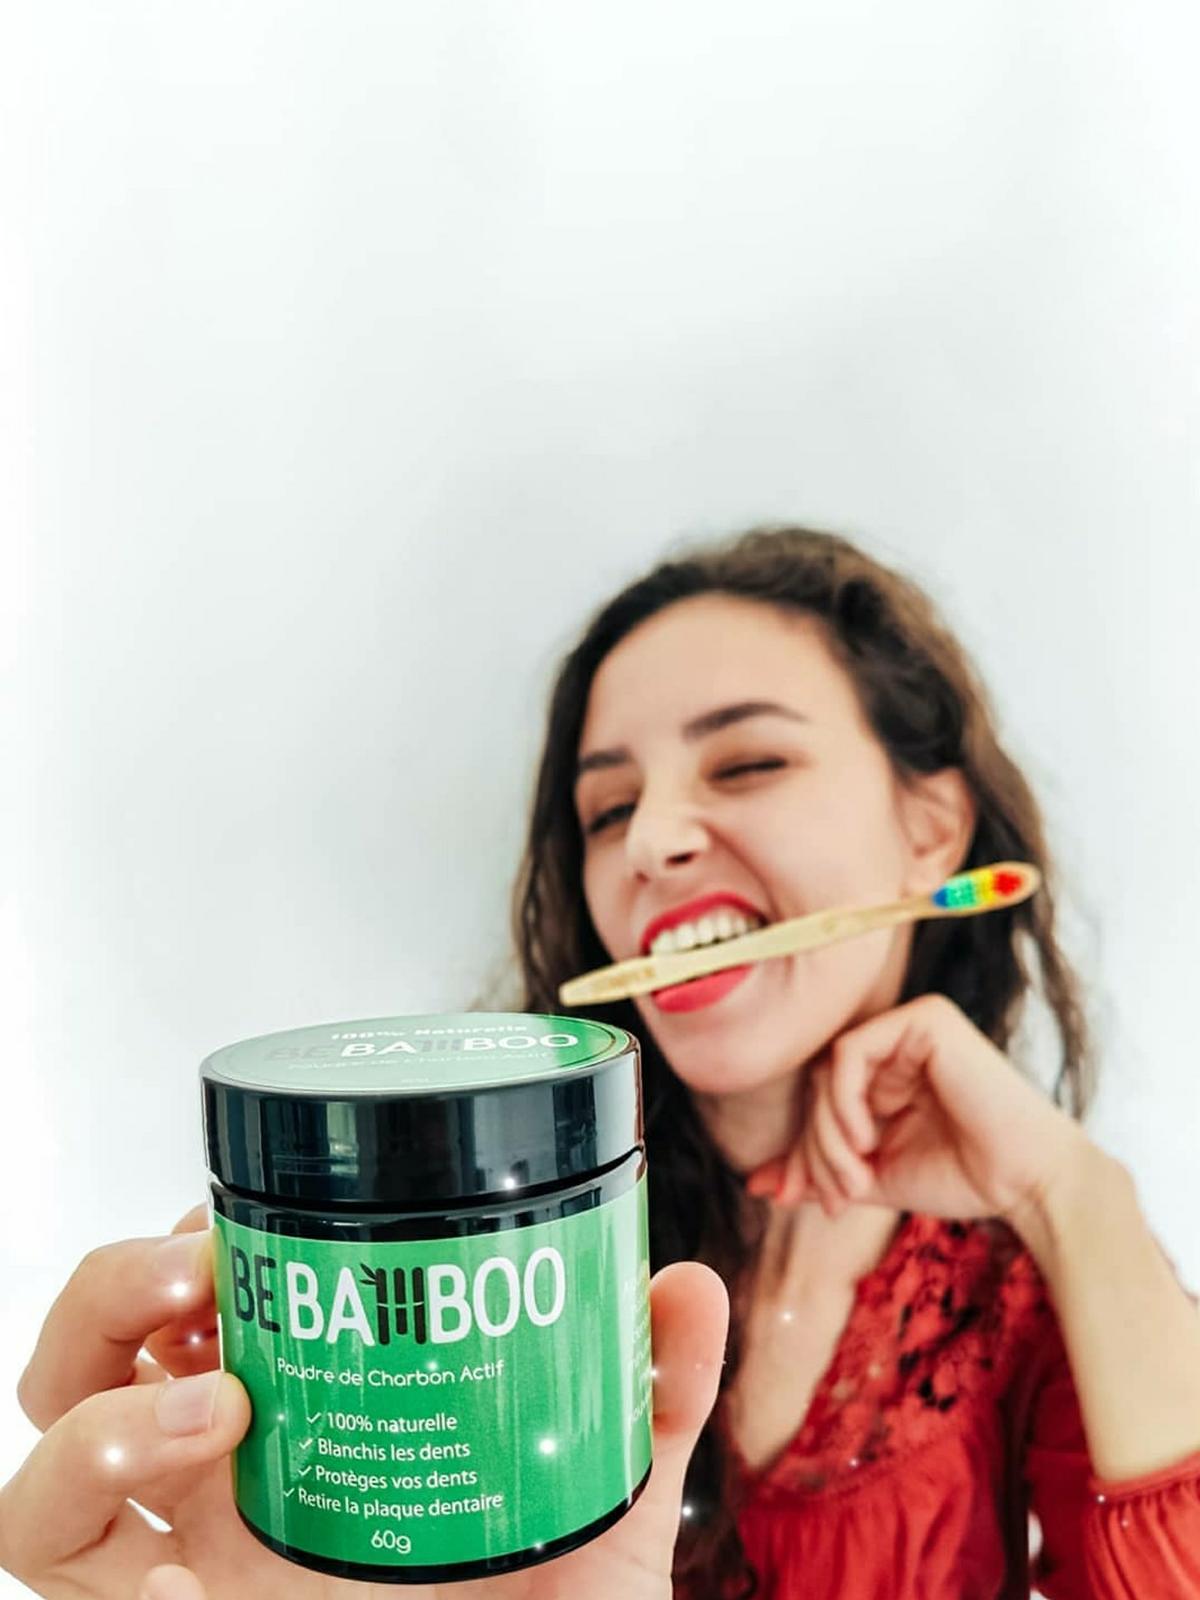 Jeune femme tenant un pot de poudre de charbon dans la main et une brosse à dents en bambou dans la bouche